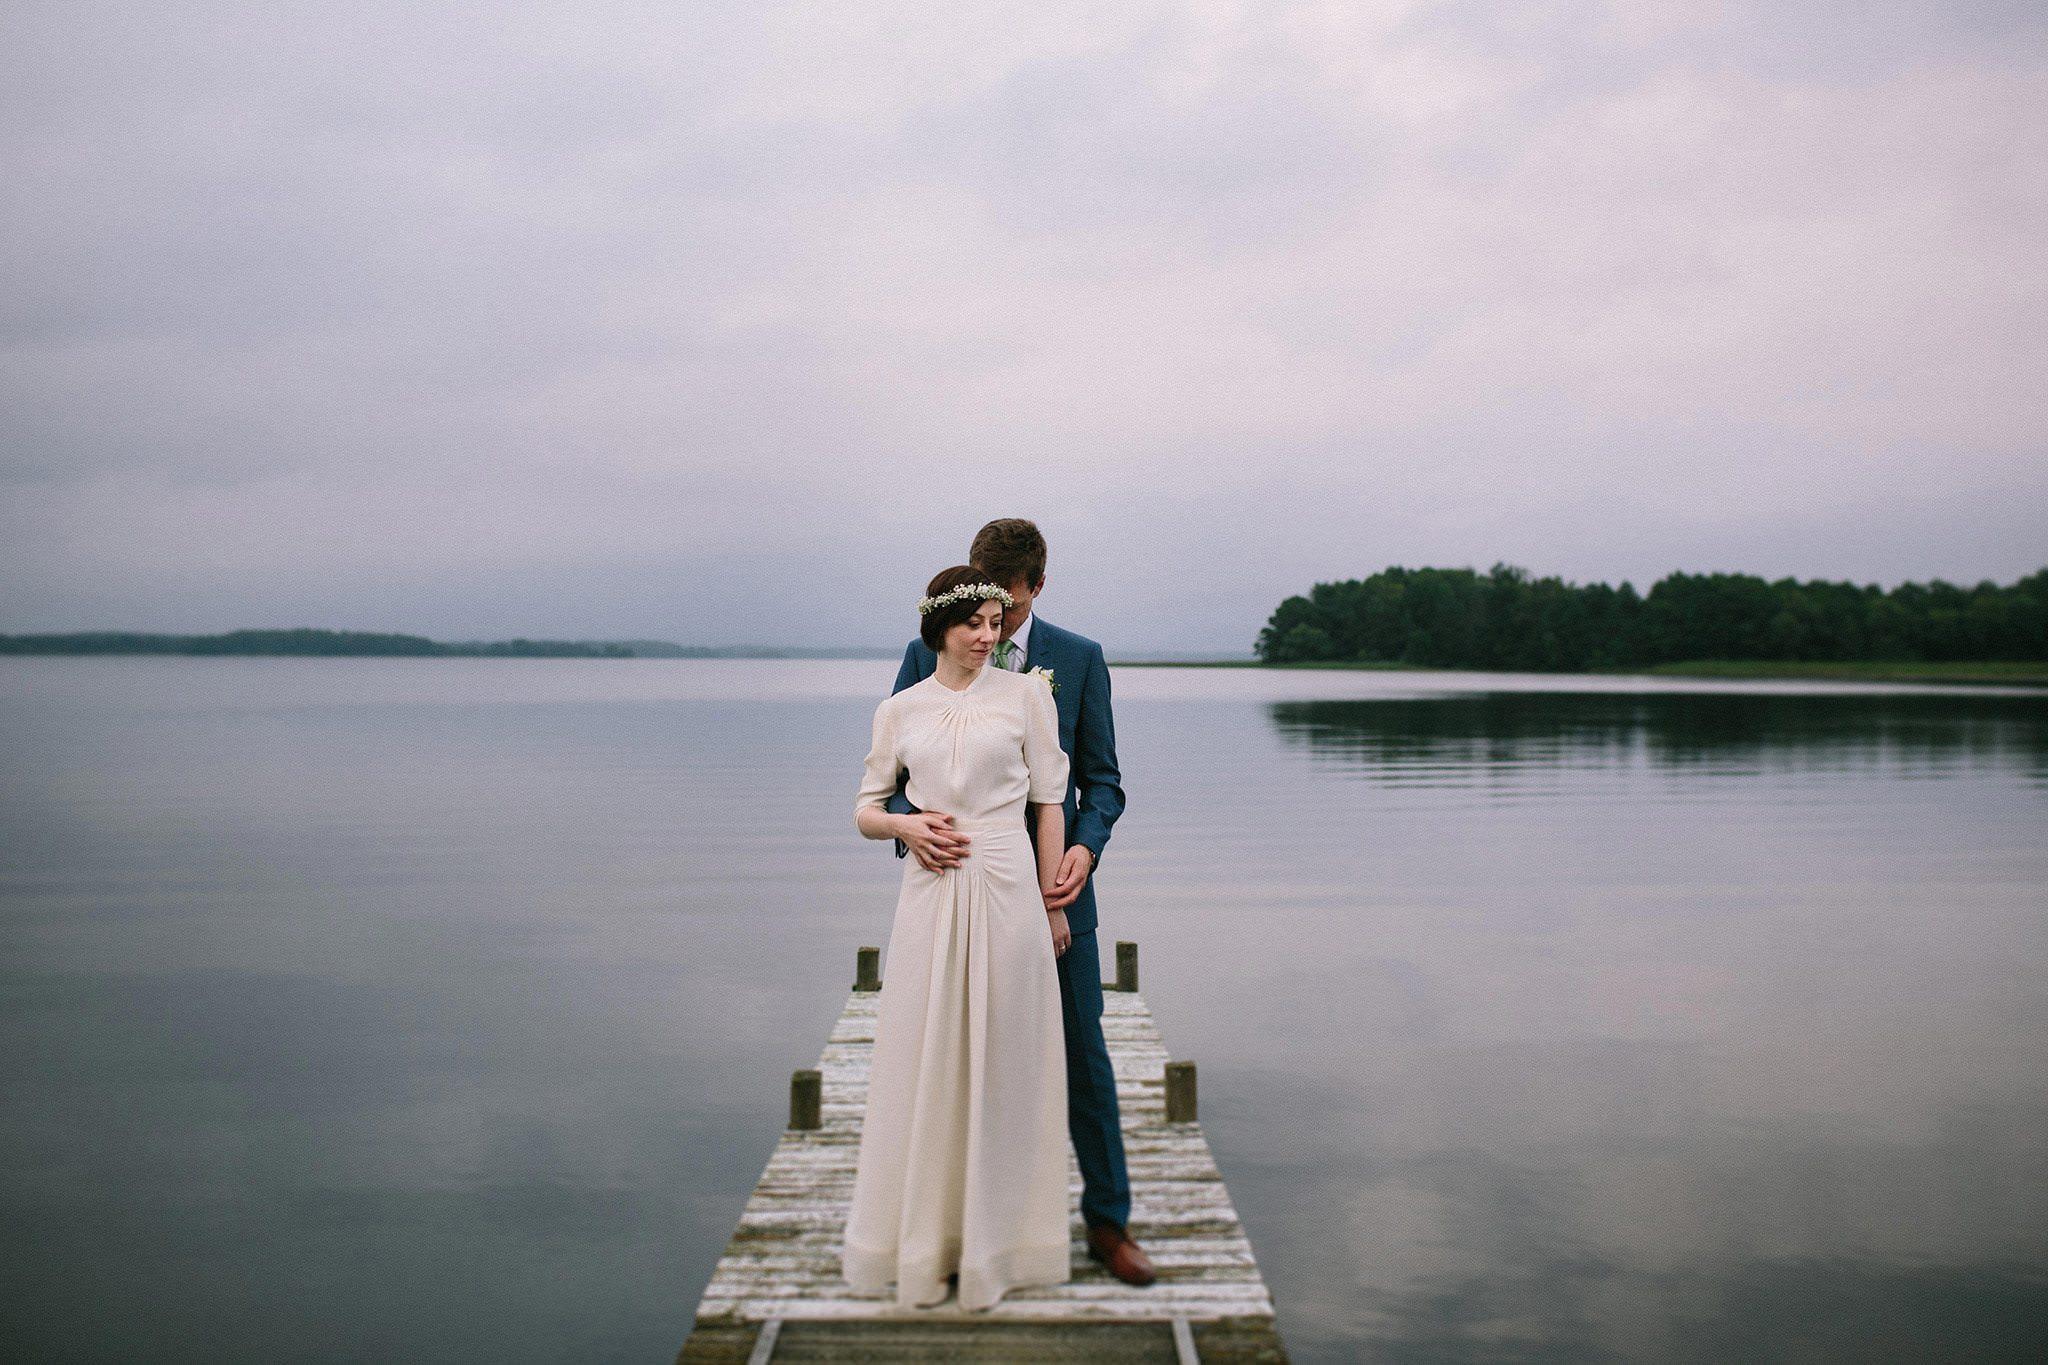 Internationell bröllopsfotograf från Sverige Skåne